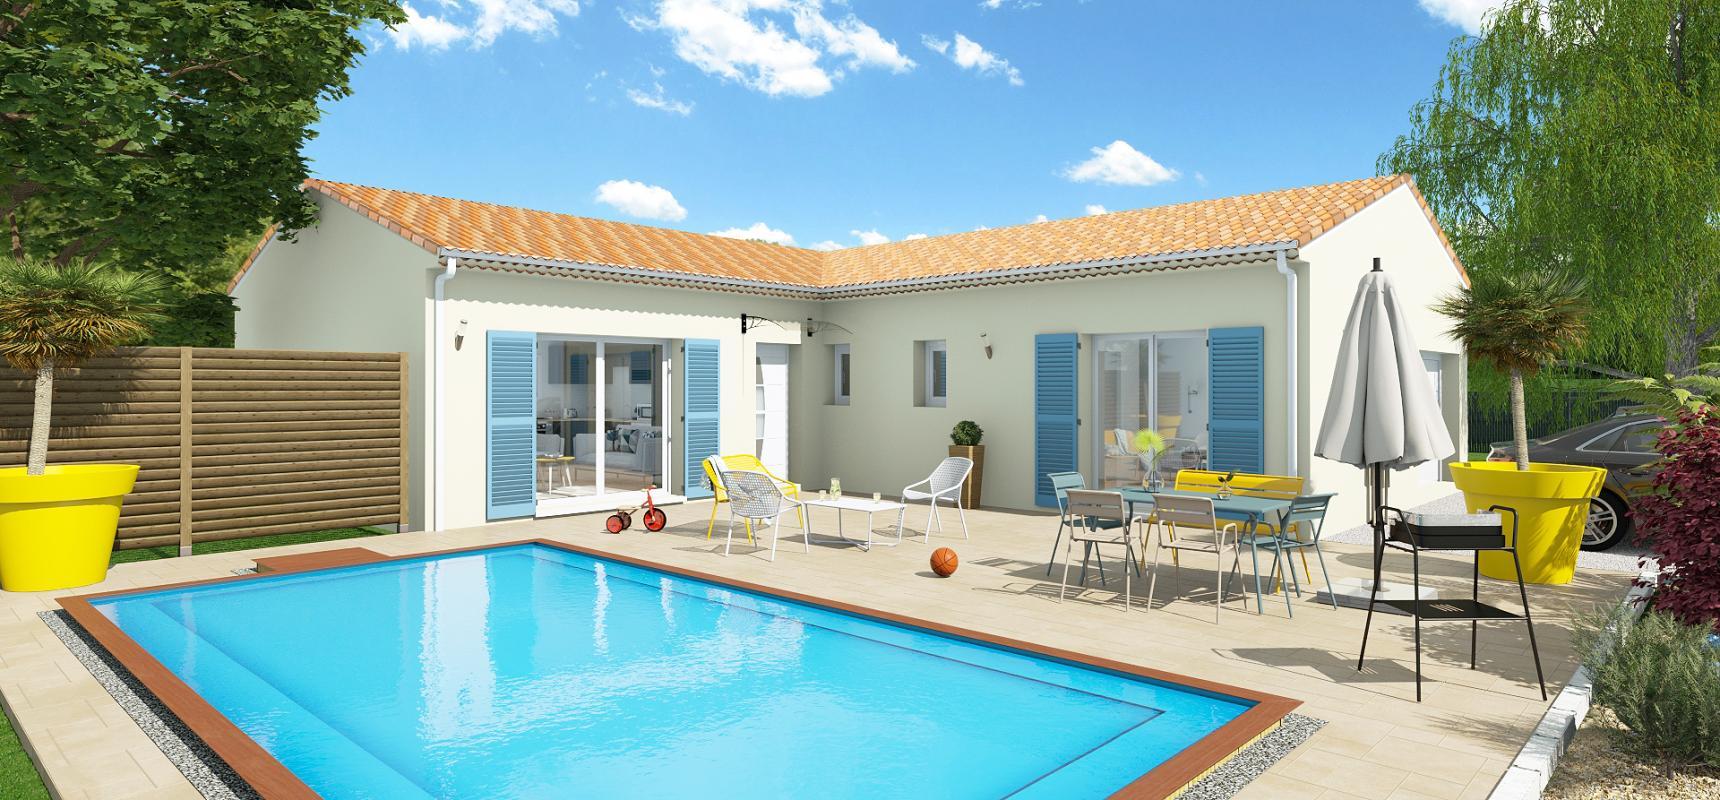 Maisons + Terrains du constructeur LCO CONCEPT • 100 m² • FOURQUEVAUX